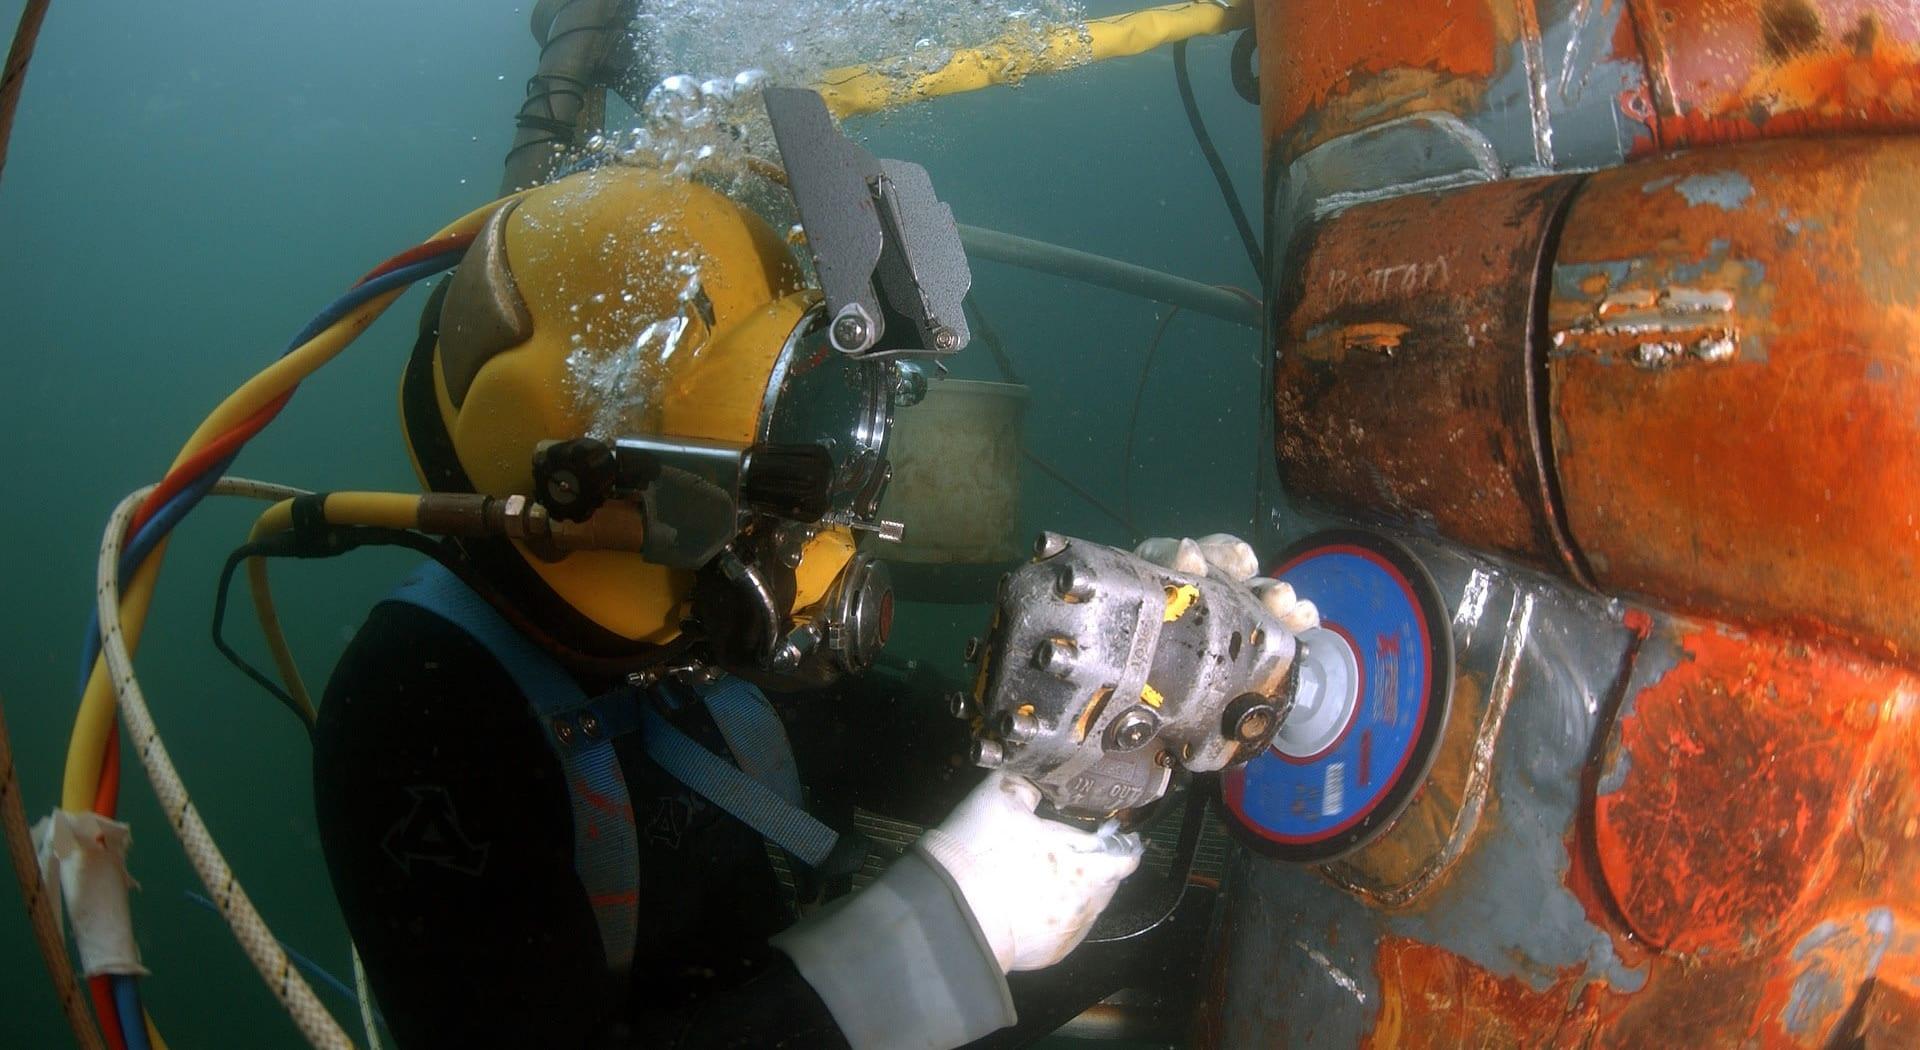 Det ble avdekket stor risiko for arbeidsulykker ved tilsyn hos dykkerbedrifter